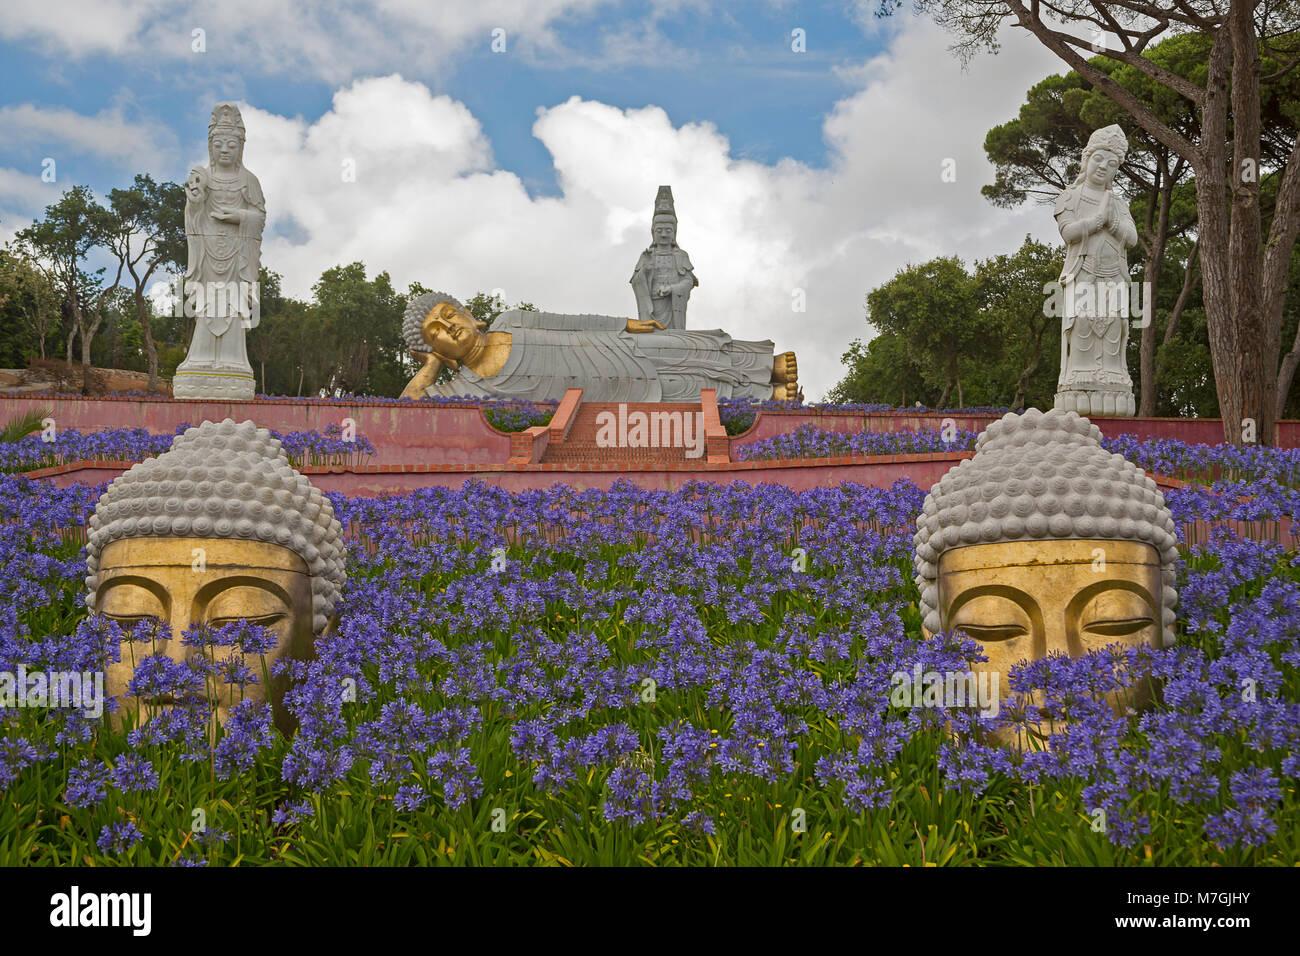 Le Bouddha Eden Garden est de 35 hectares (86 acres) de terrains naturels, lacs, jardins d'une heure au nord de Lisbonne. Bouddhas, pagodes, sta en terre cuite Banque D'Images